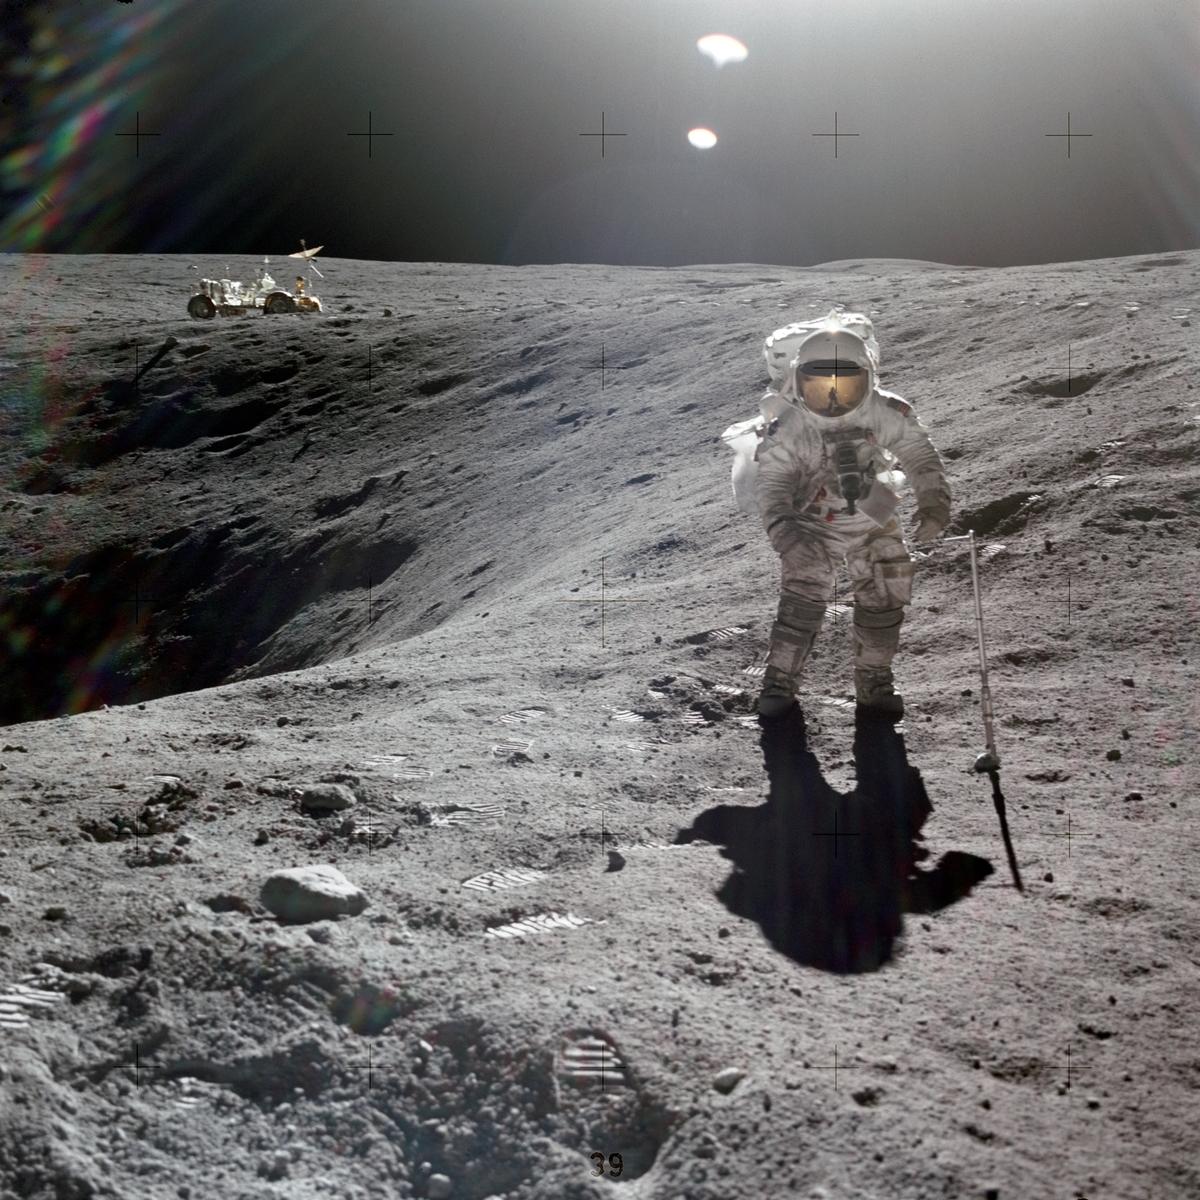 月面のクレーターの側に立つアポロ16号の宇宙飛行士